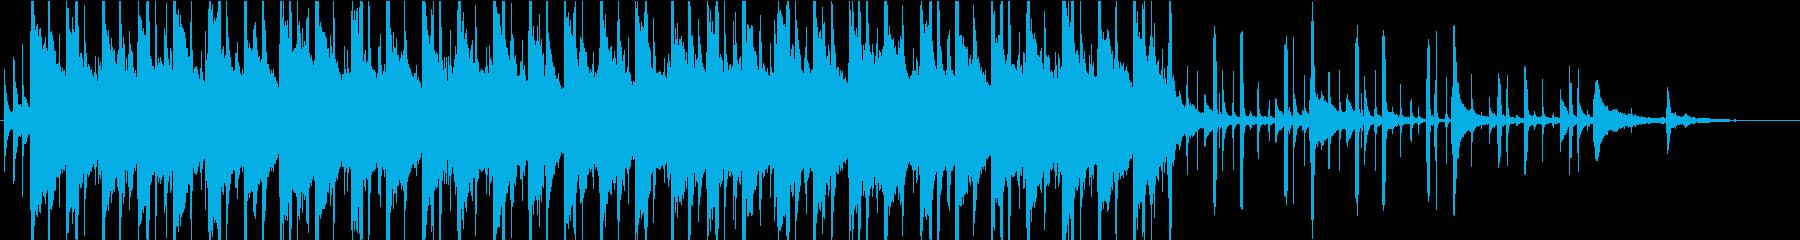 【和風】神秘的なlofi hiphop③の再生済みの波形